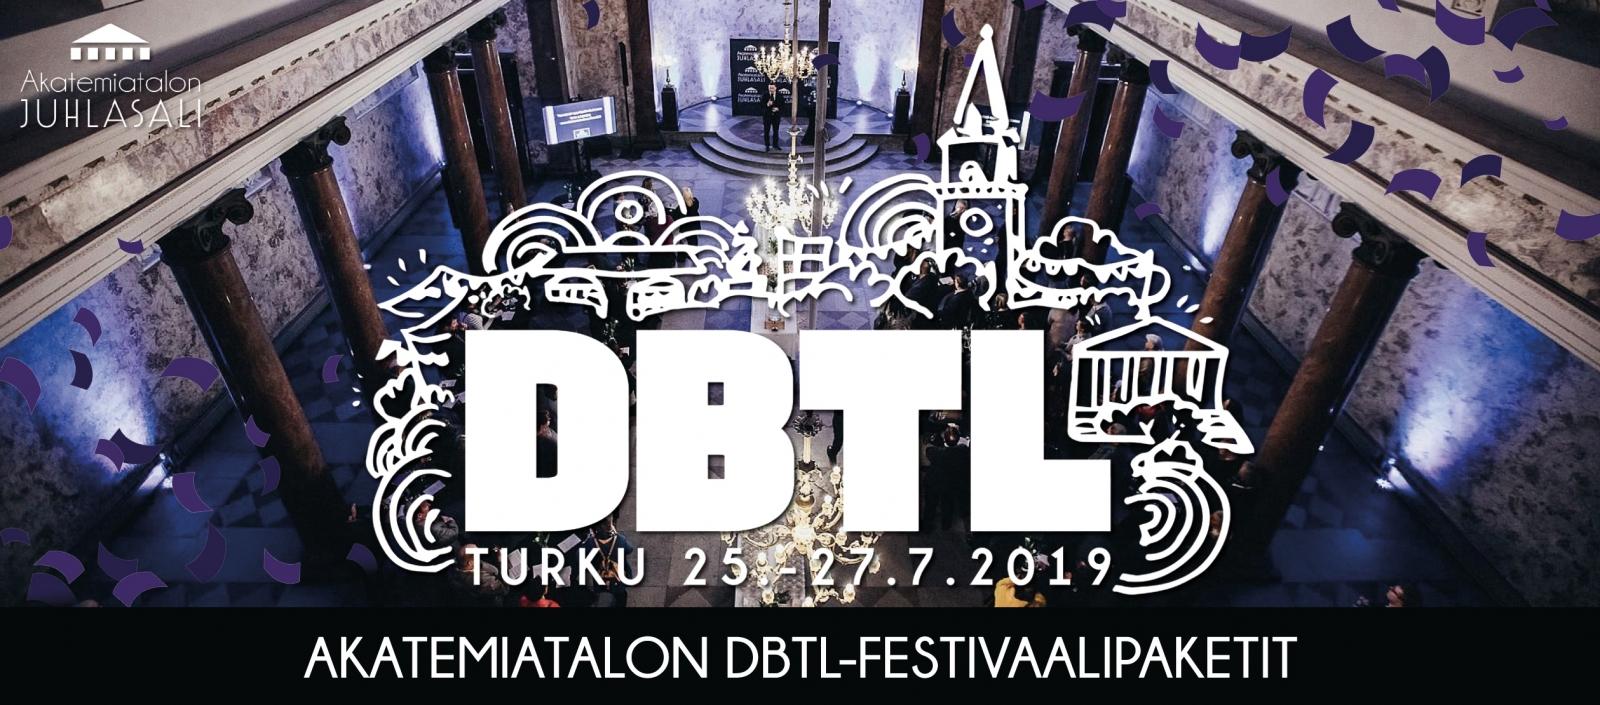 Akatemiatalon Dbtl Festivaalipaketit Myynnissa Nyt